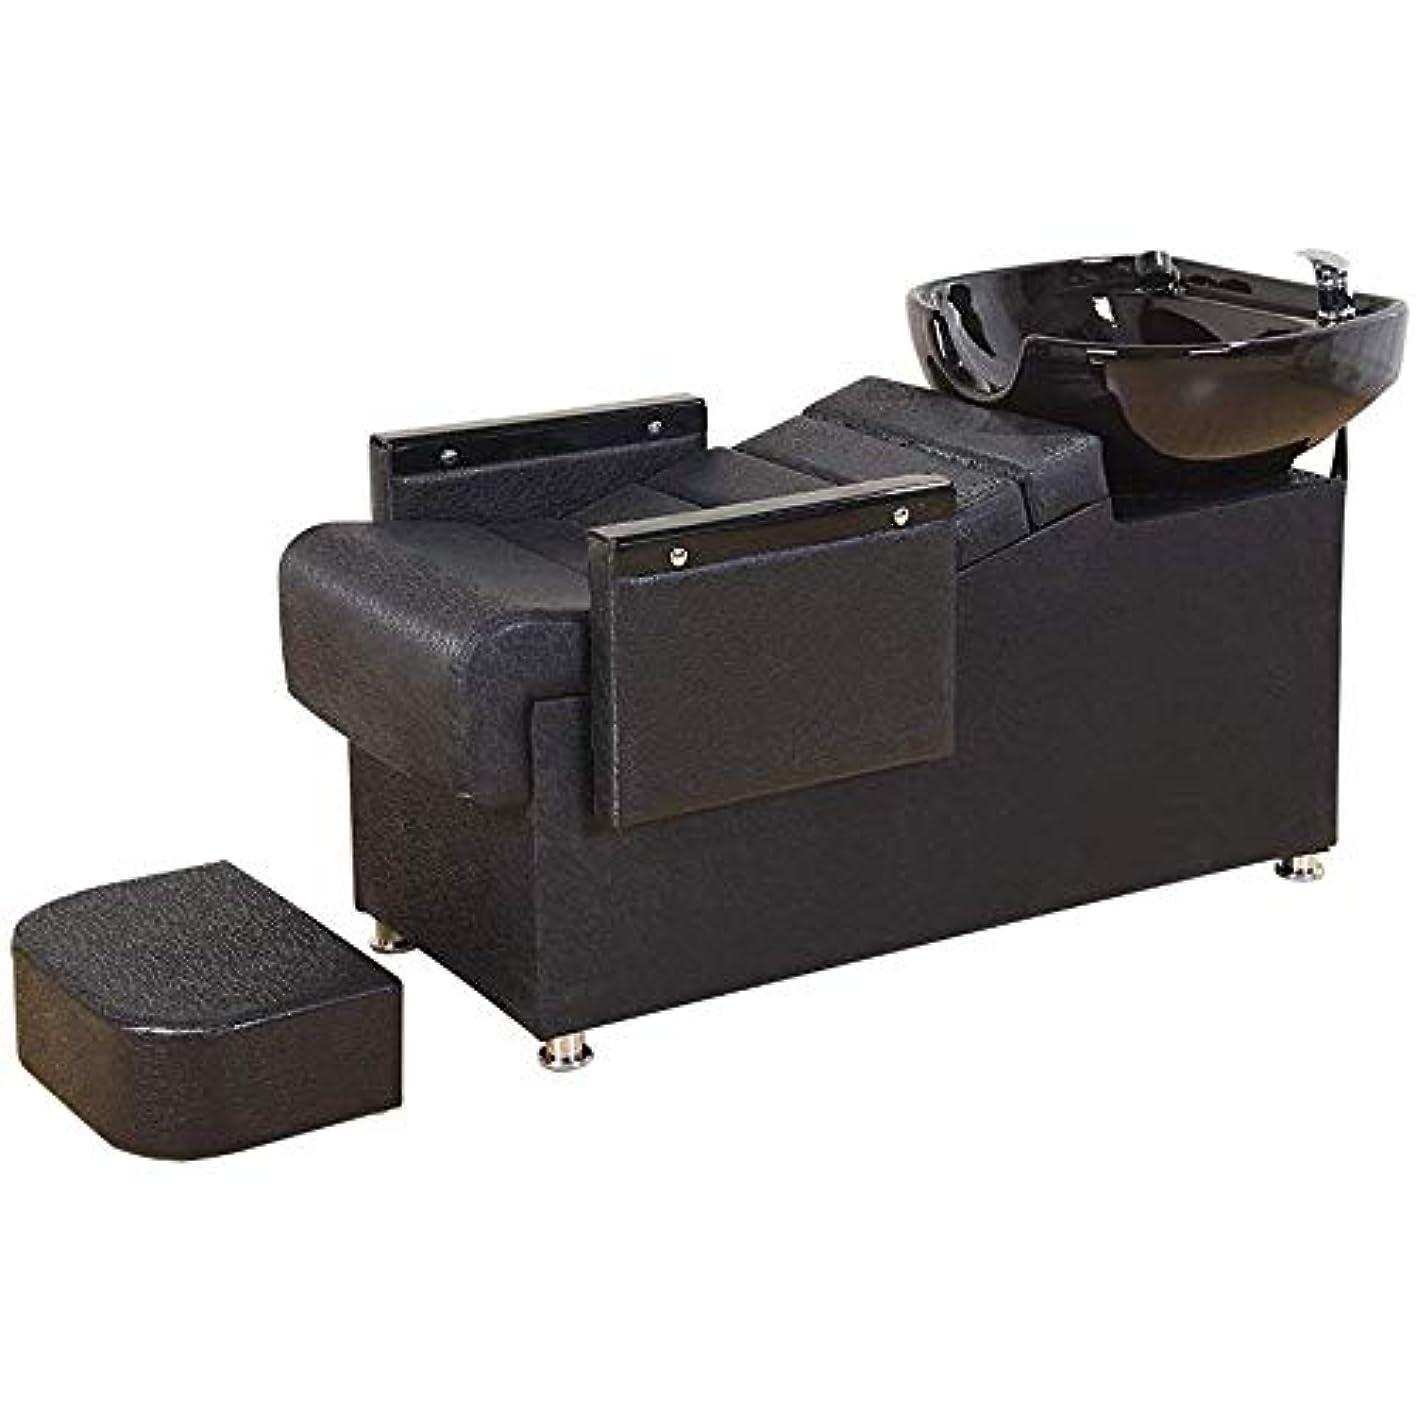 リーガン支出ストライプシャンプー椅子、逆洗ユニットシャンプーボウル理髪店理髪店シンクチェアスパ用美容院機器